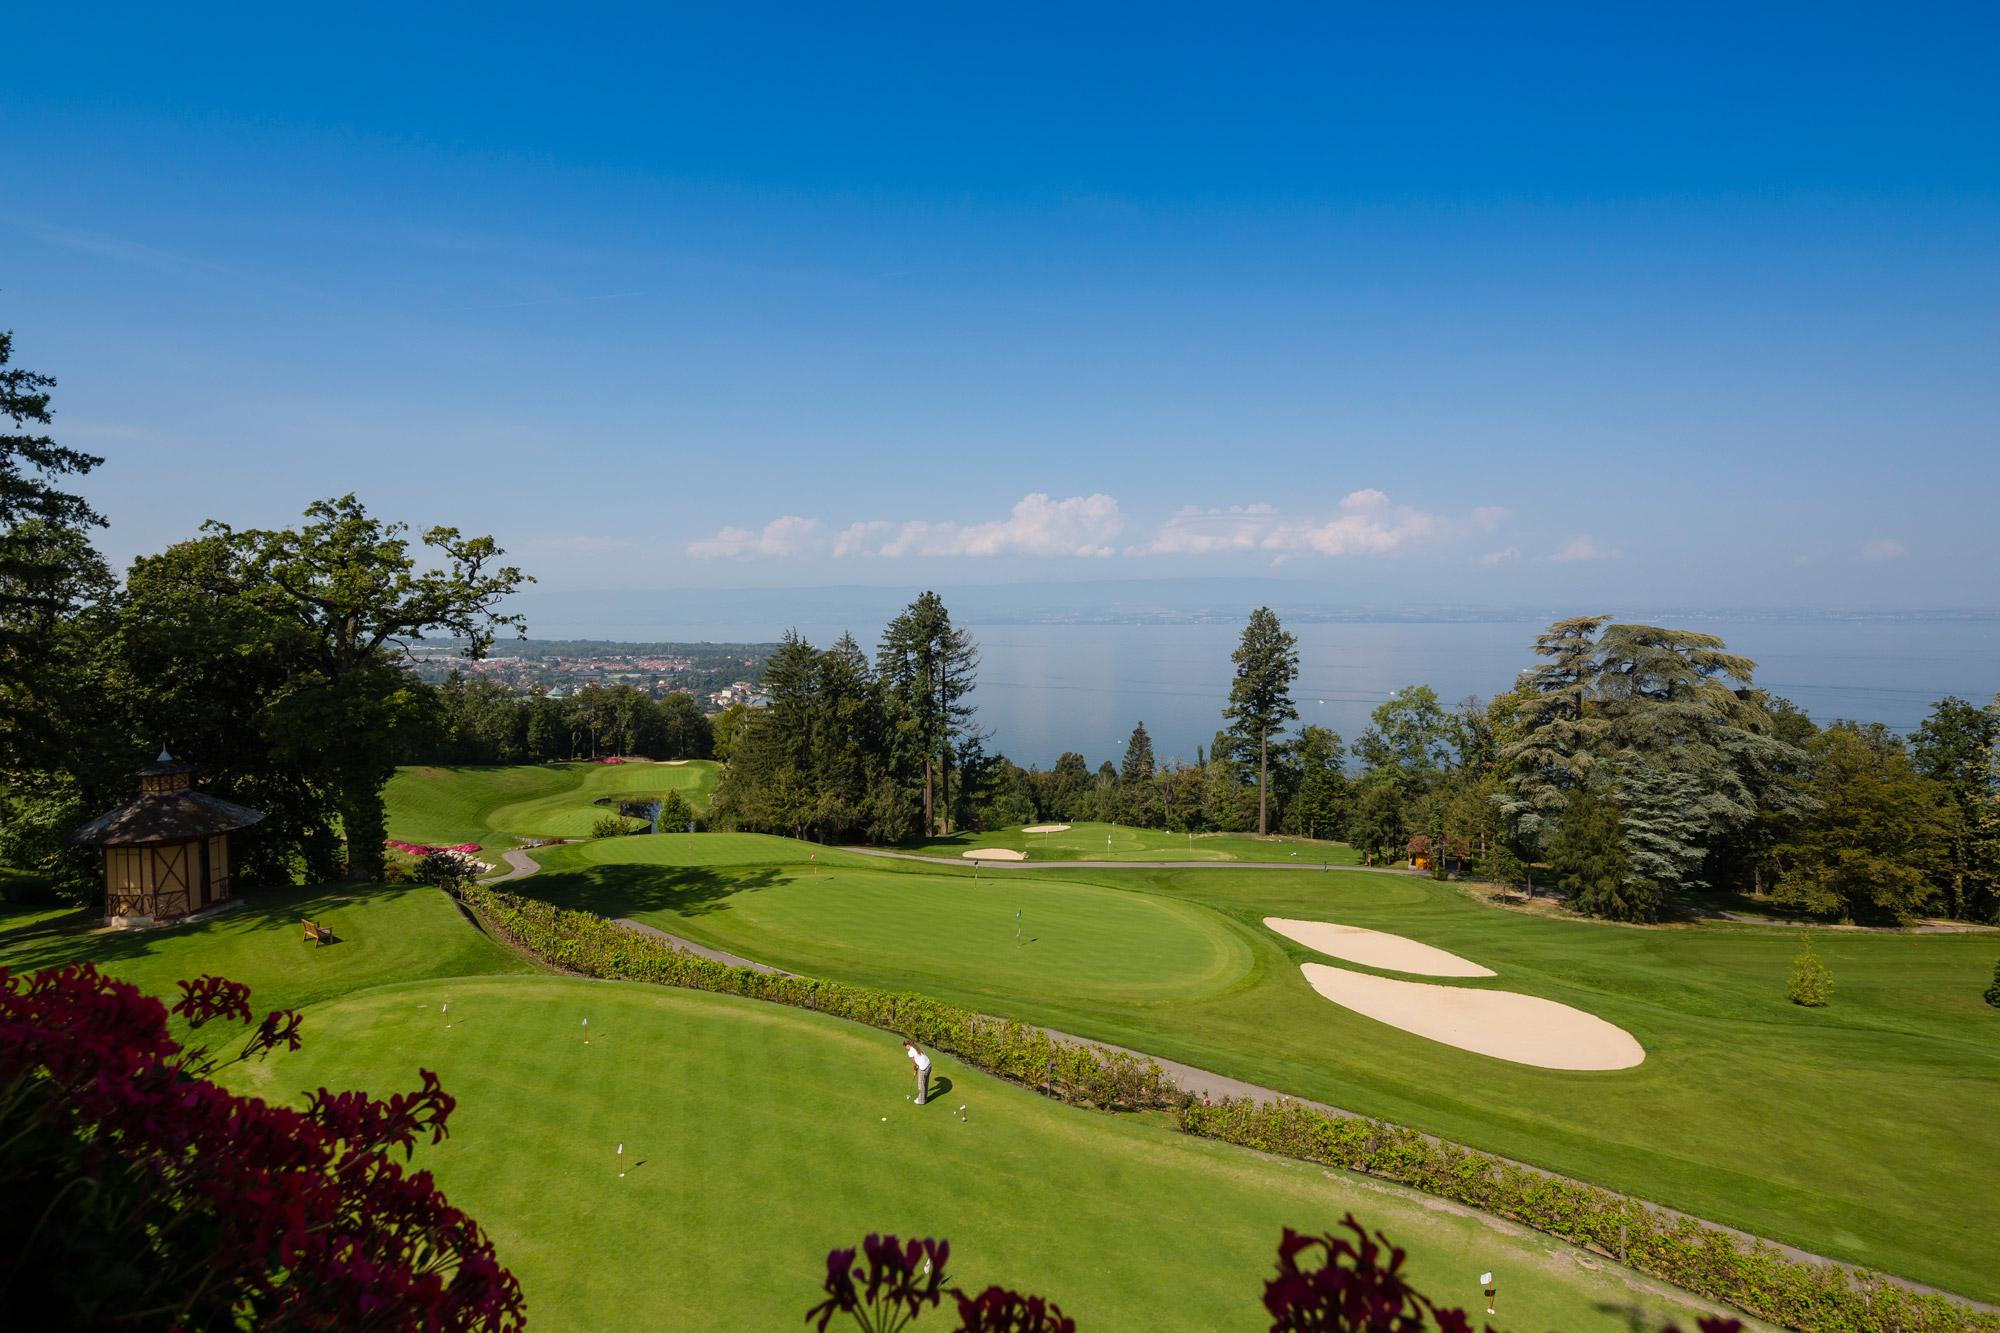 Joueur de golf sur le green bénéficiant de la vue sur le lac et sur les montagnes à Evian-les-Bains